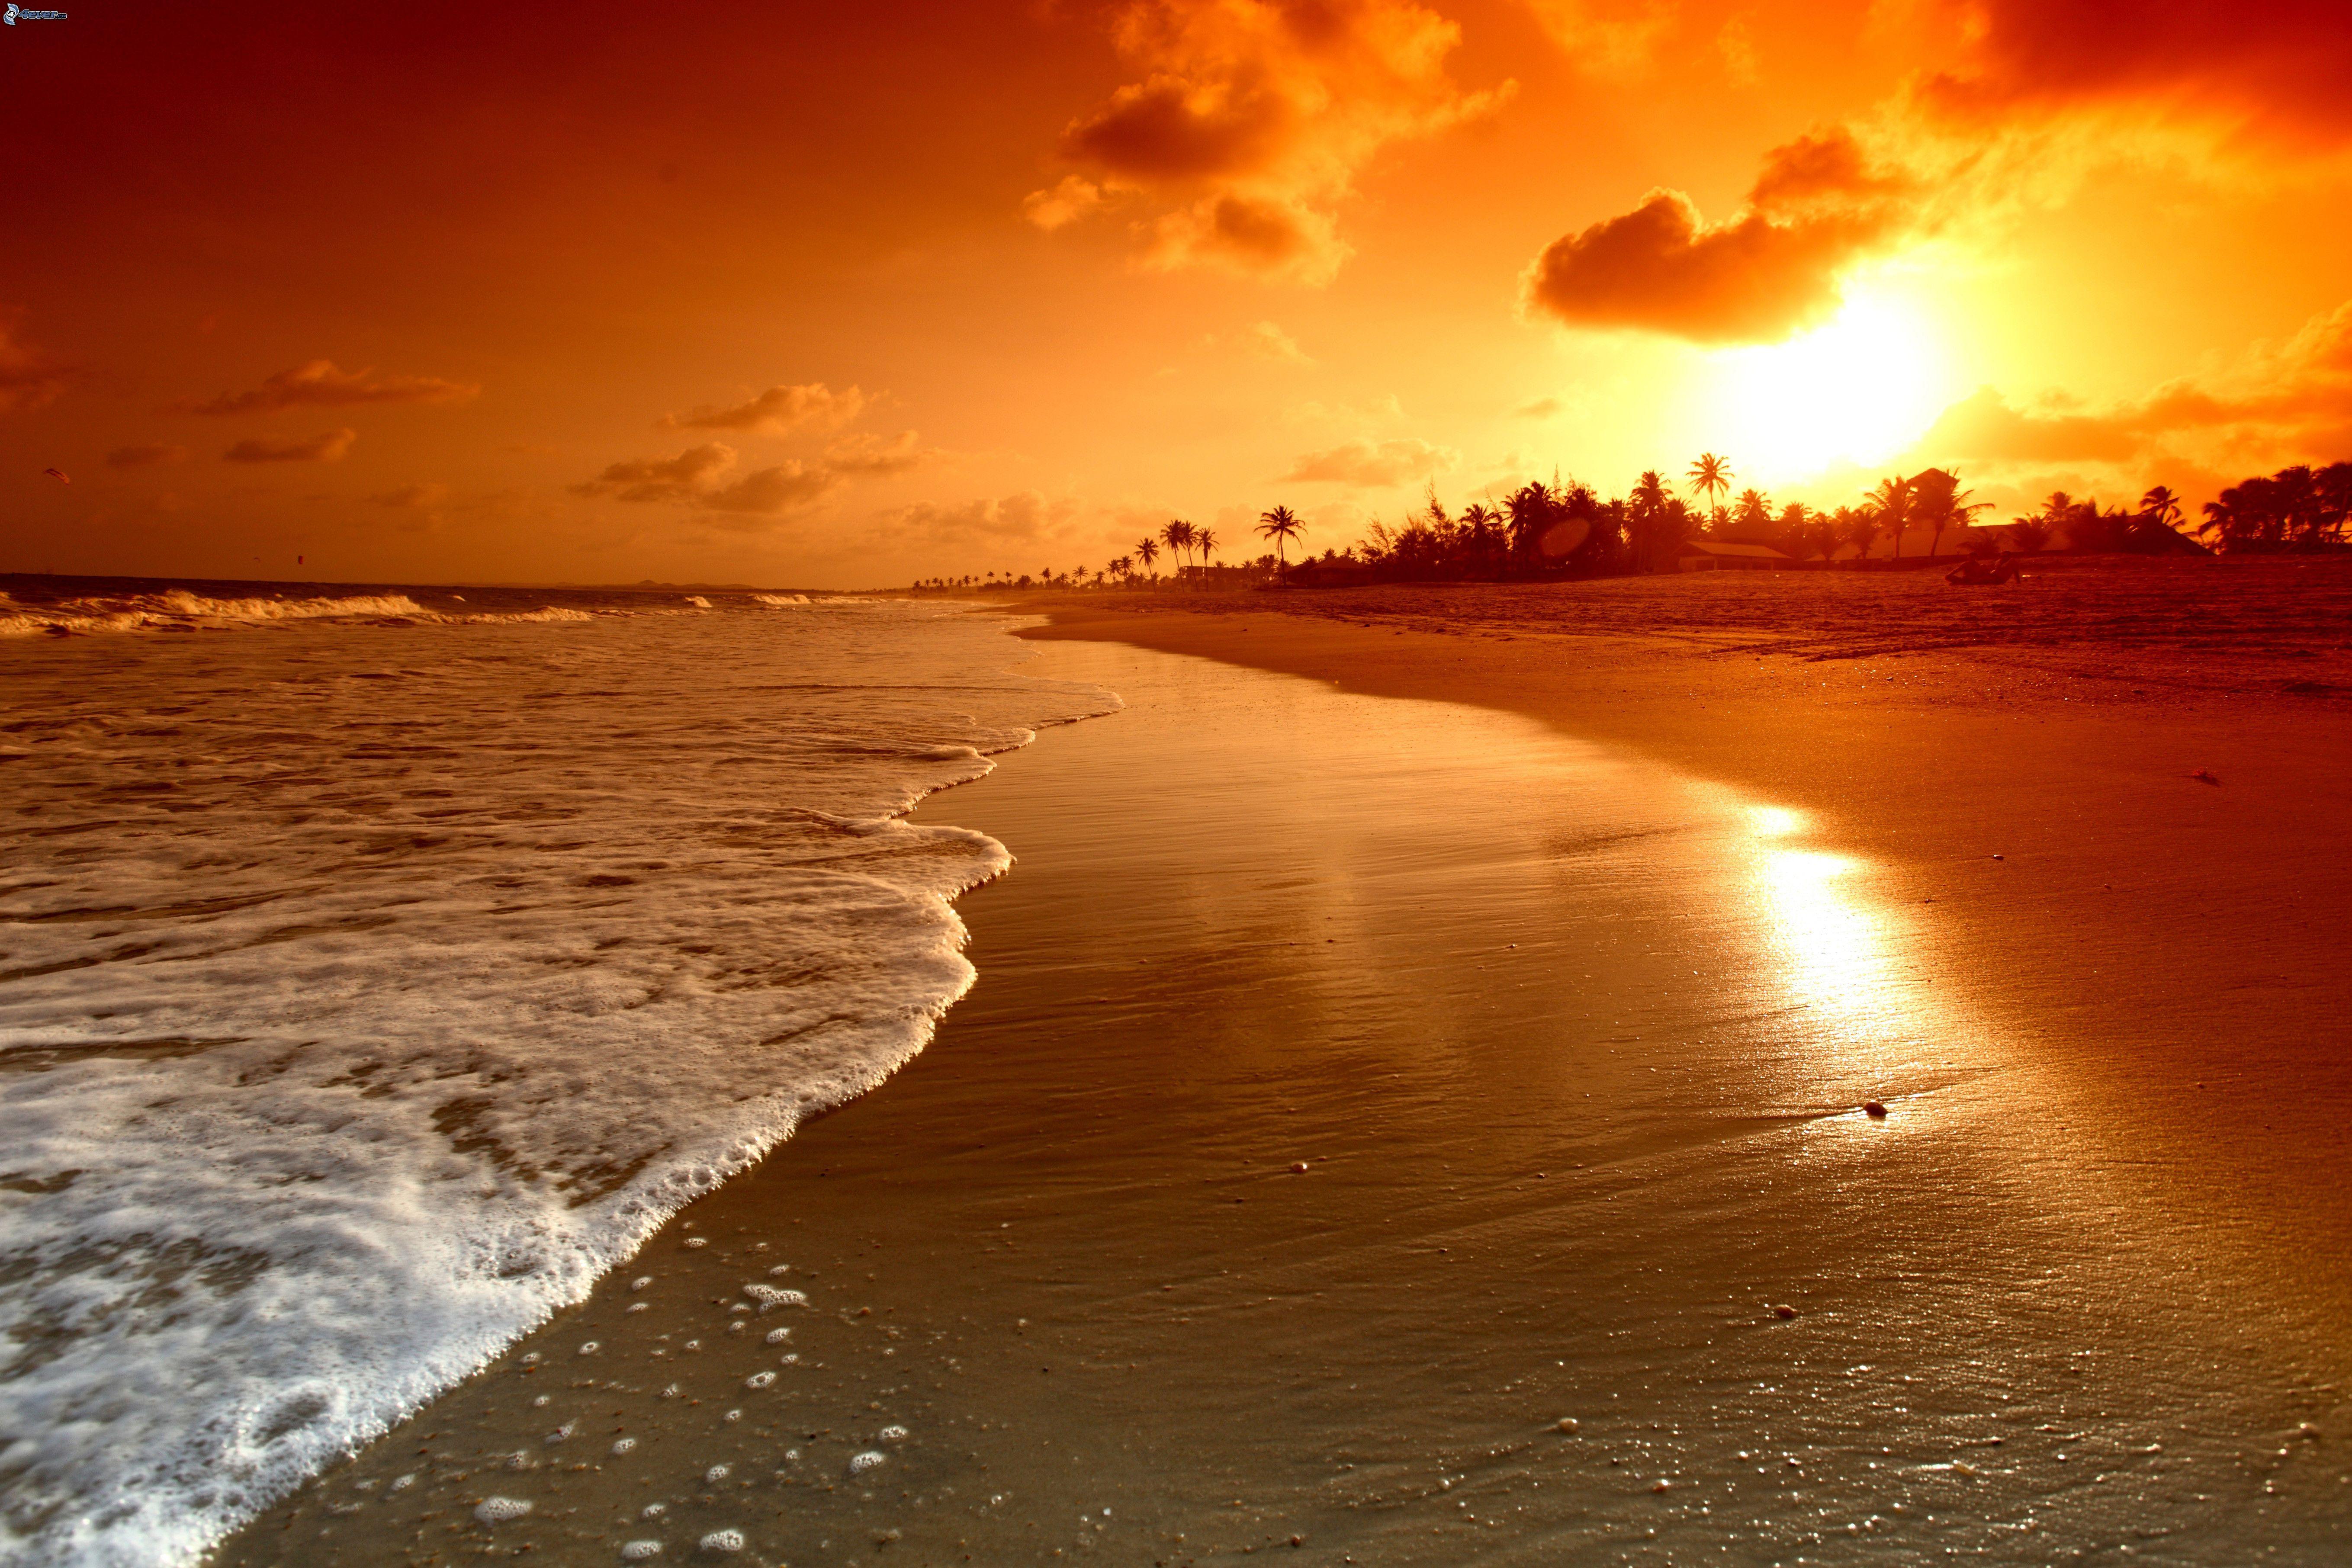 Atardeceres En La Playa Con Palmeras